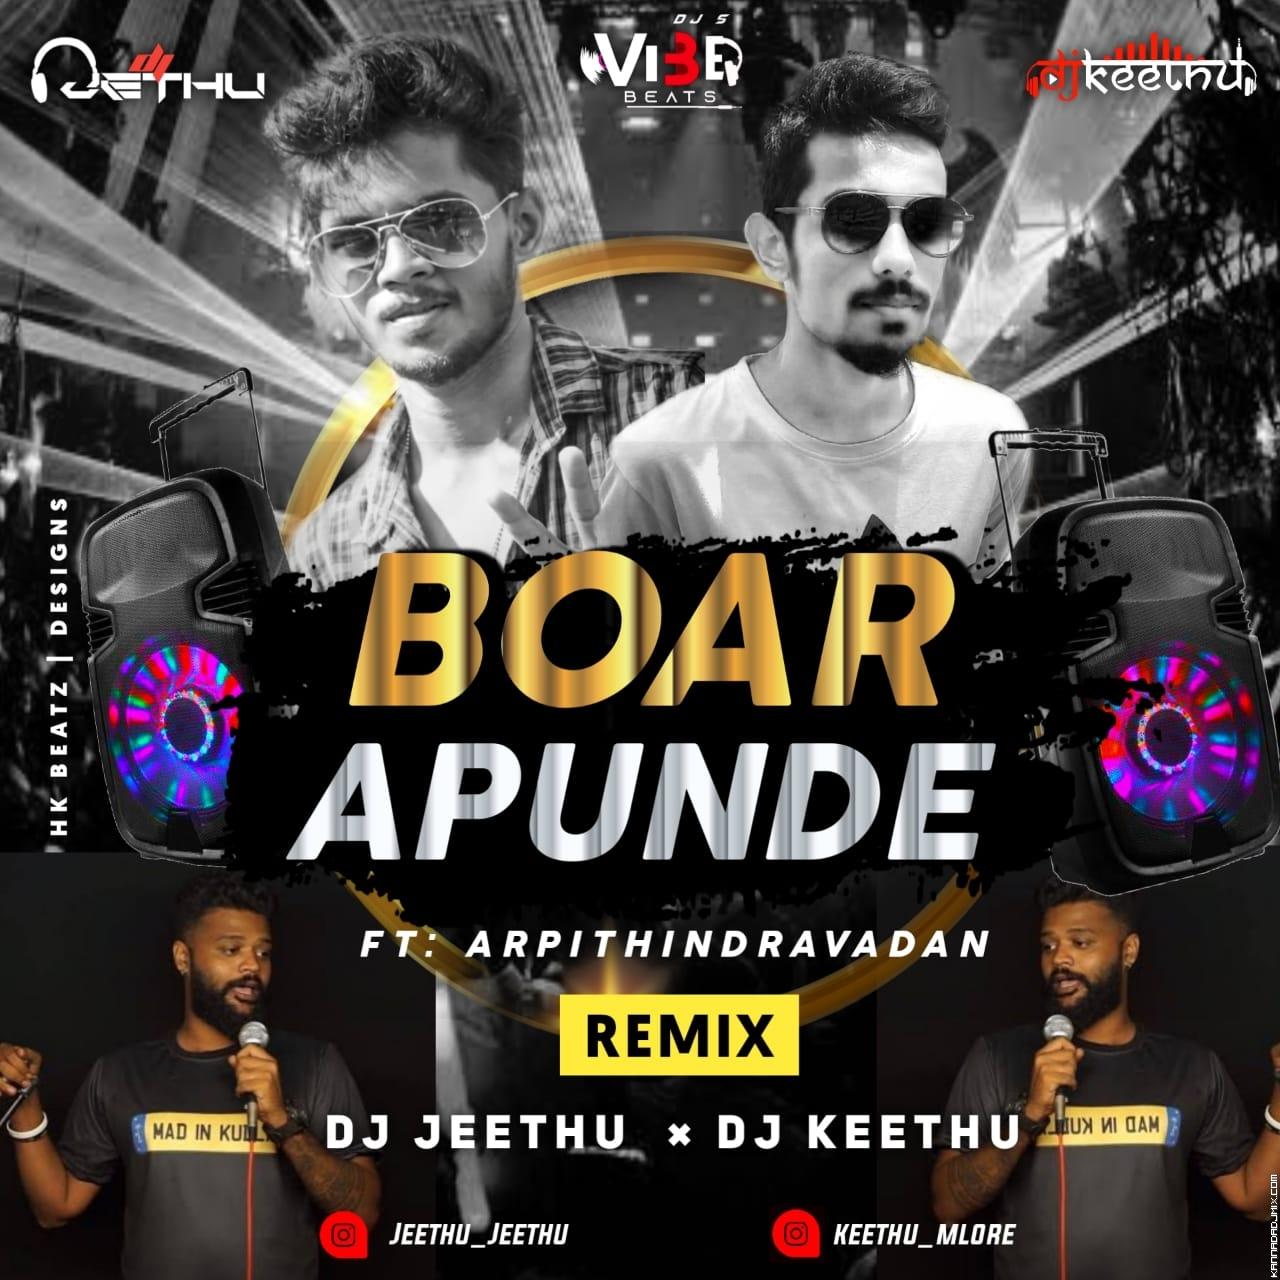 Boar Apunde Remix Vibe Beats DJs Dj Jeethu Dj Keethu.mp3